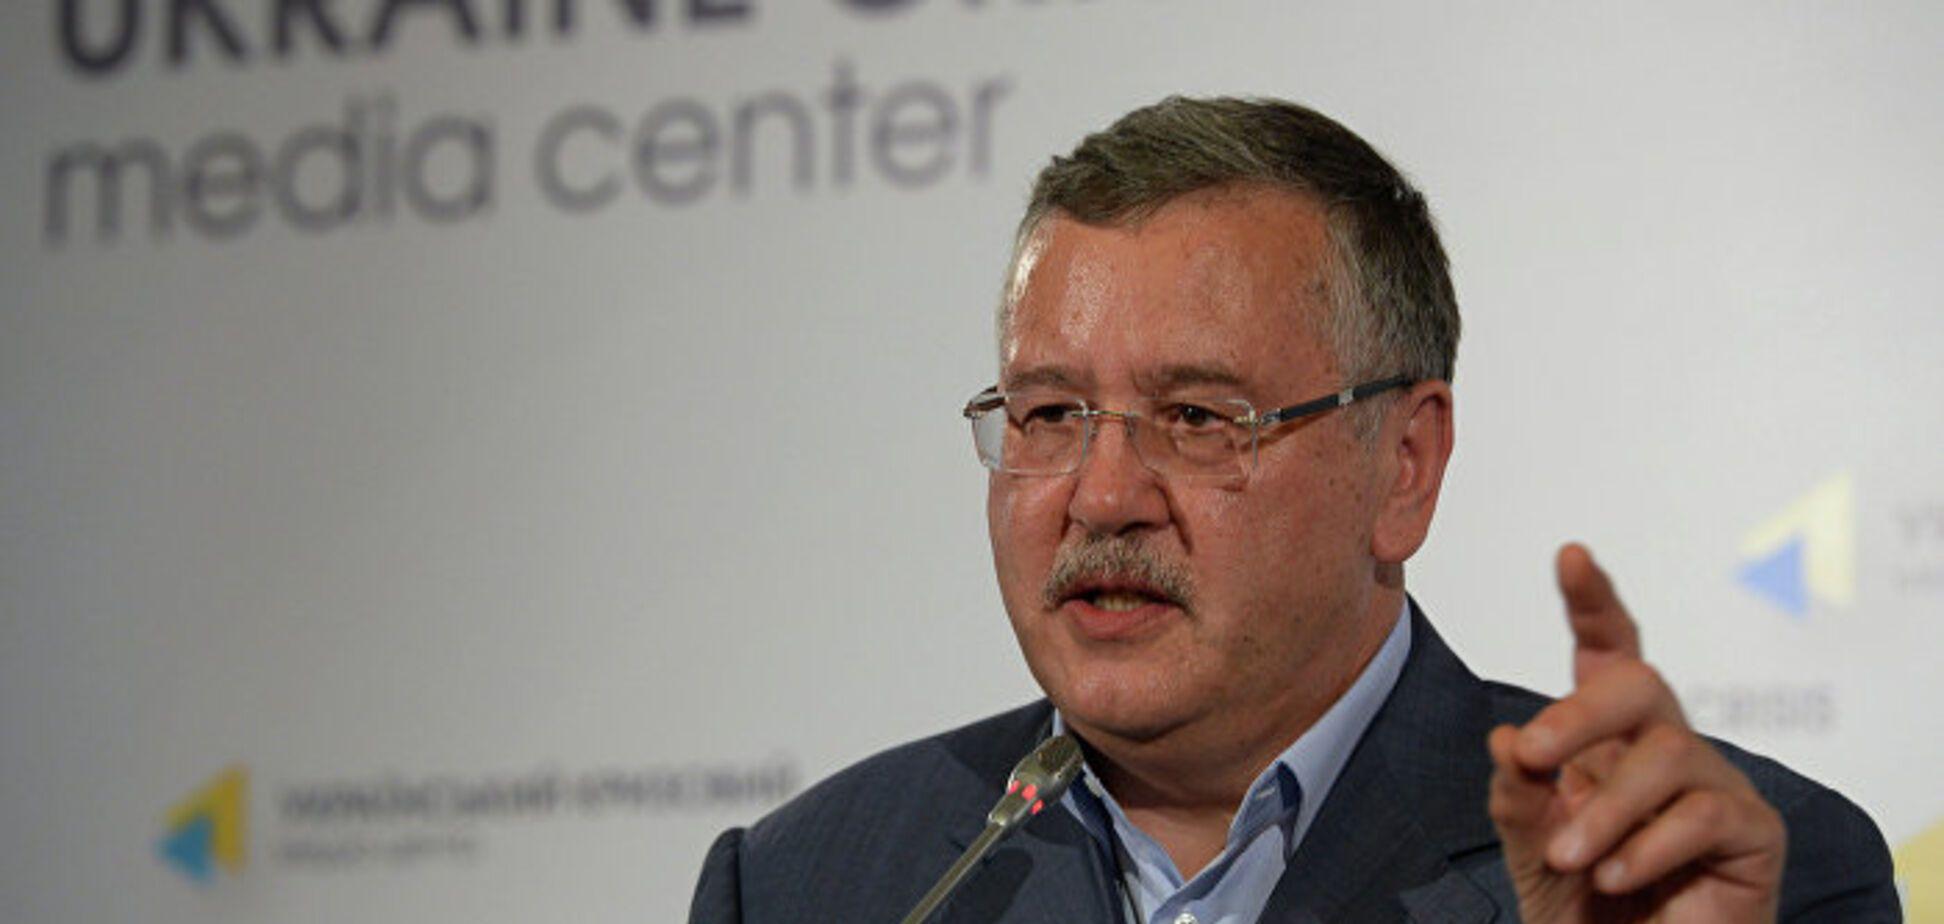 Гриценко обещает посадить многих, кто сегодня у власти